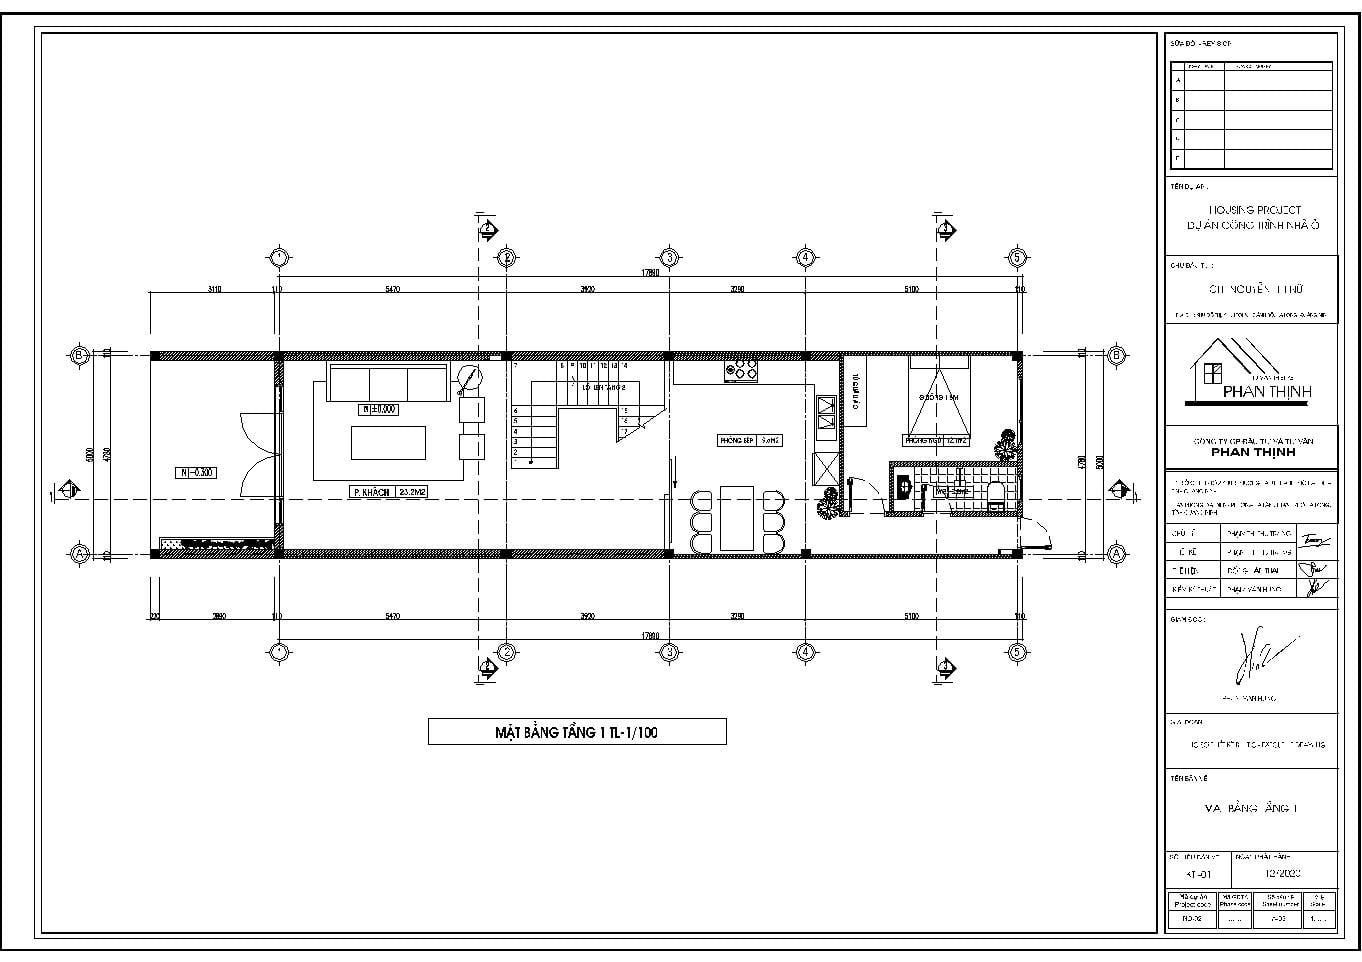 Mặt bằng thiết kế tại tầng 1